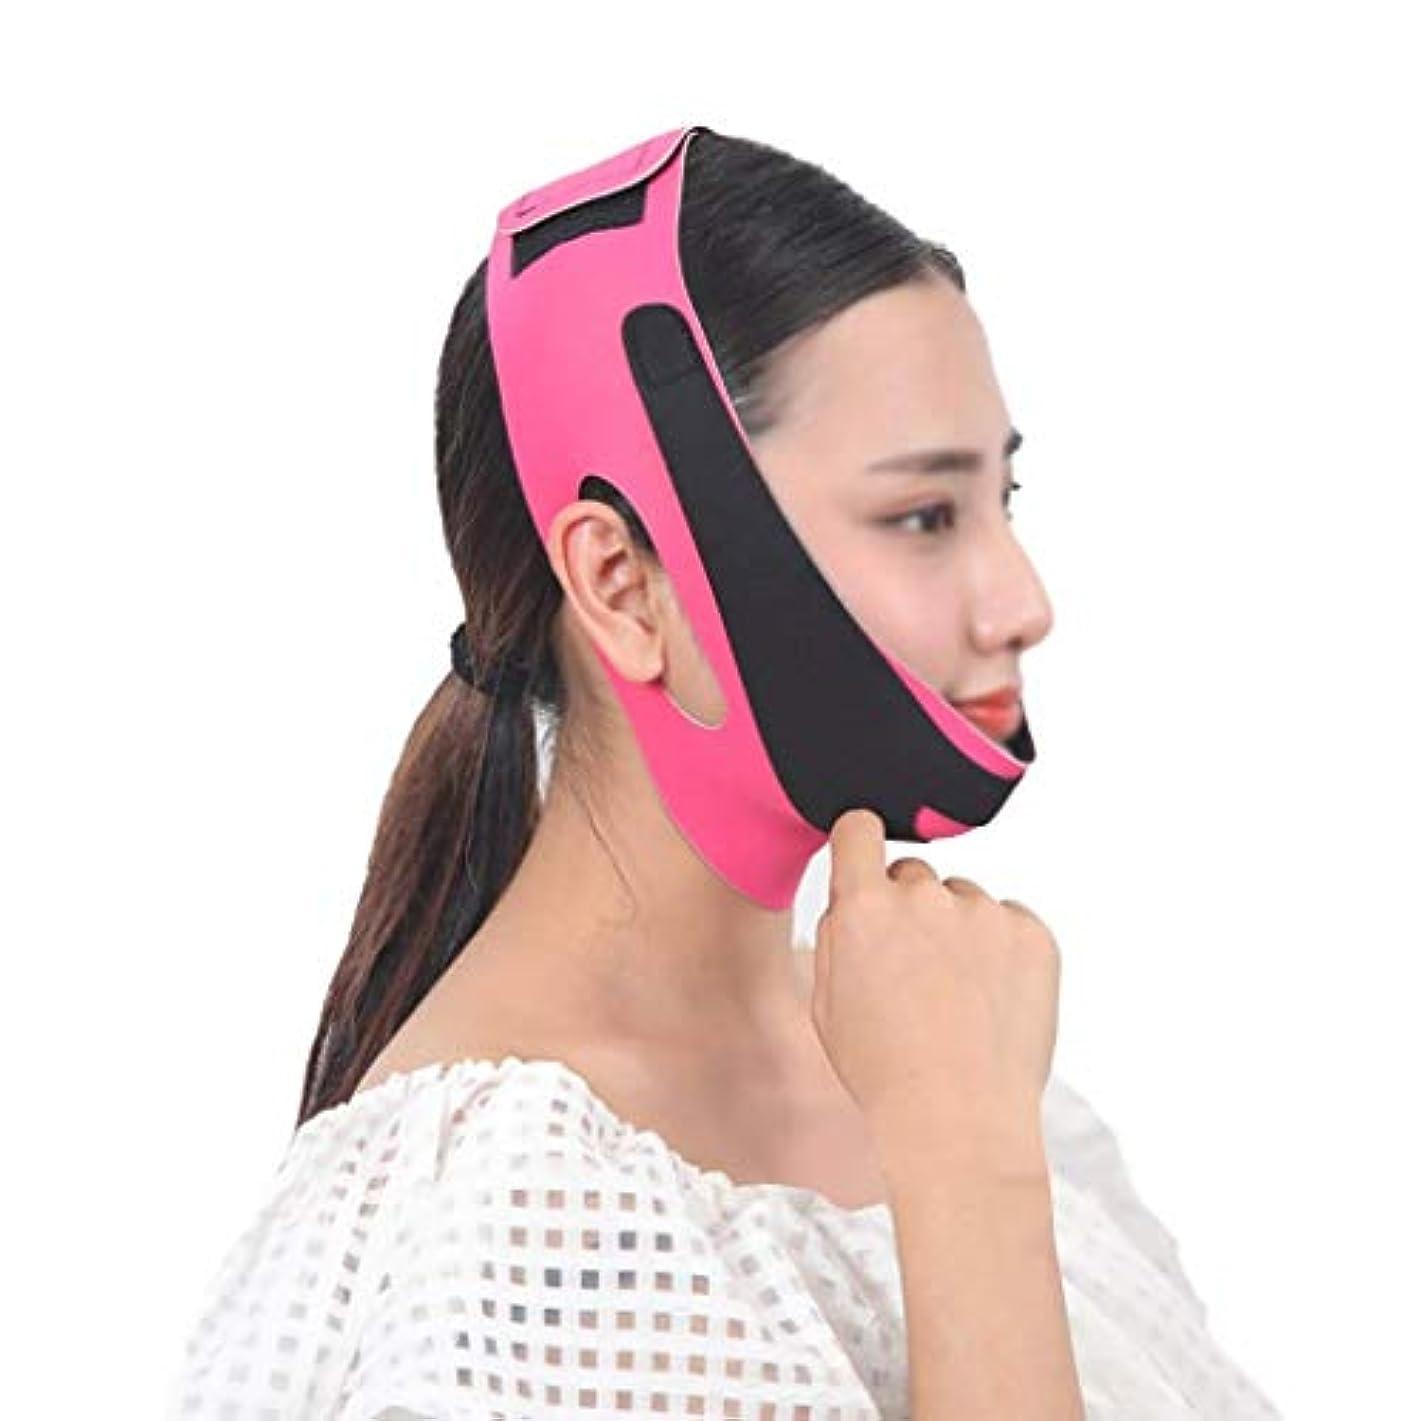 権利を与えるストレージ不公平顔と首のリフト術後の弾性フェイスマスク小V顔アーティファクト薄い顔包帯アーティファクトV顔吊り耳リフティング引き締め薄い顔アーティファクト